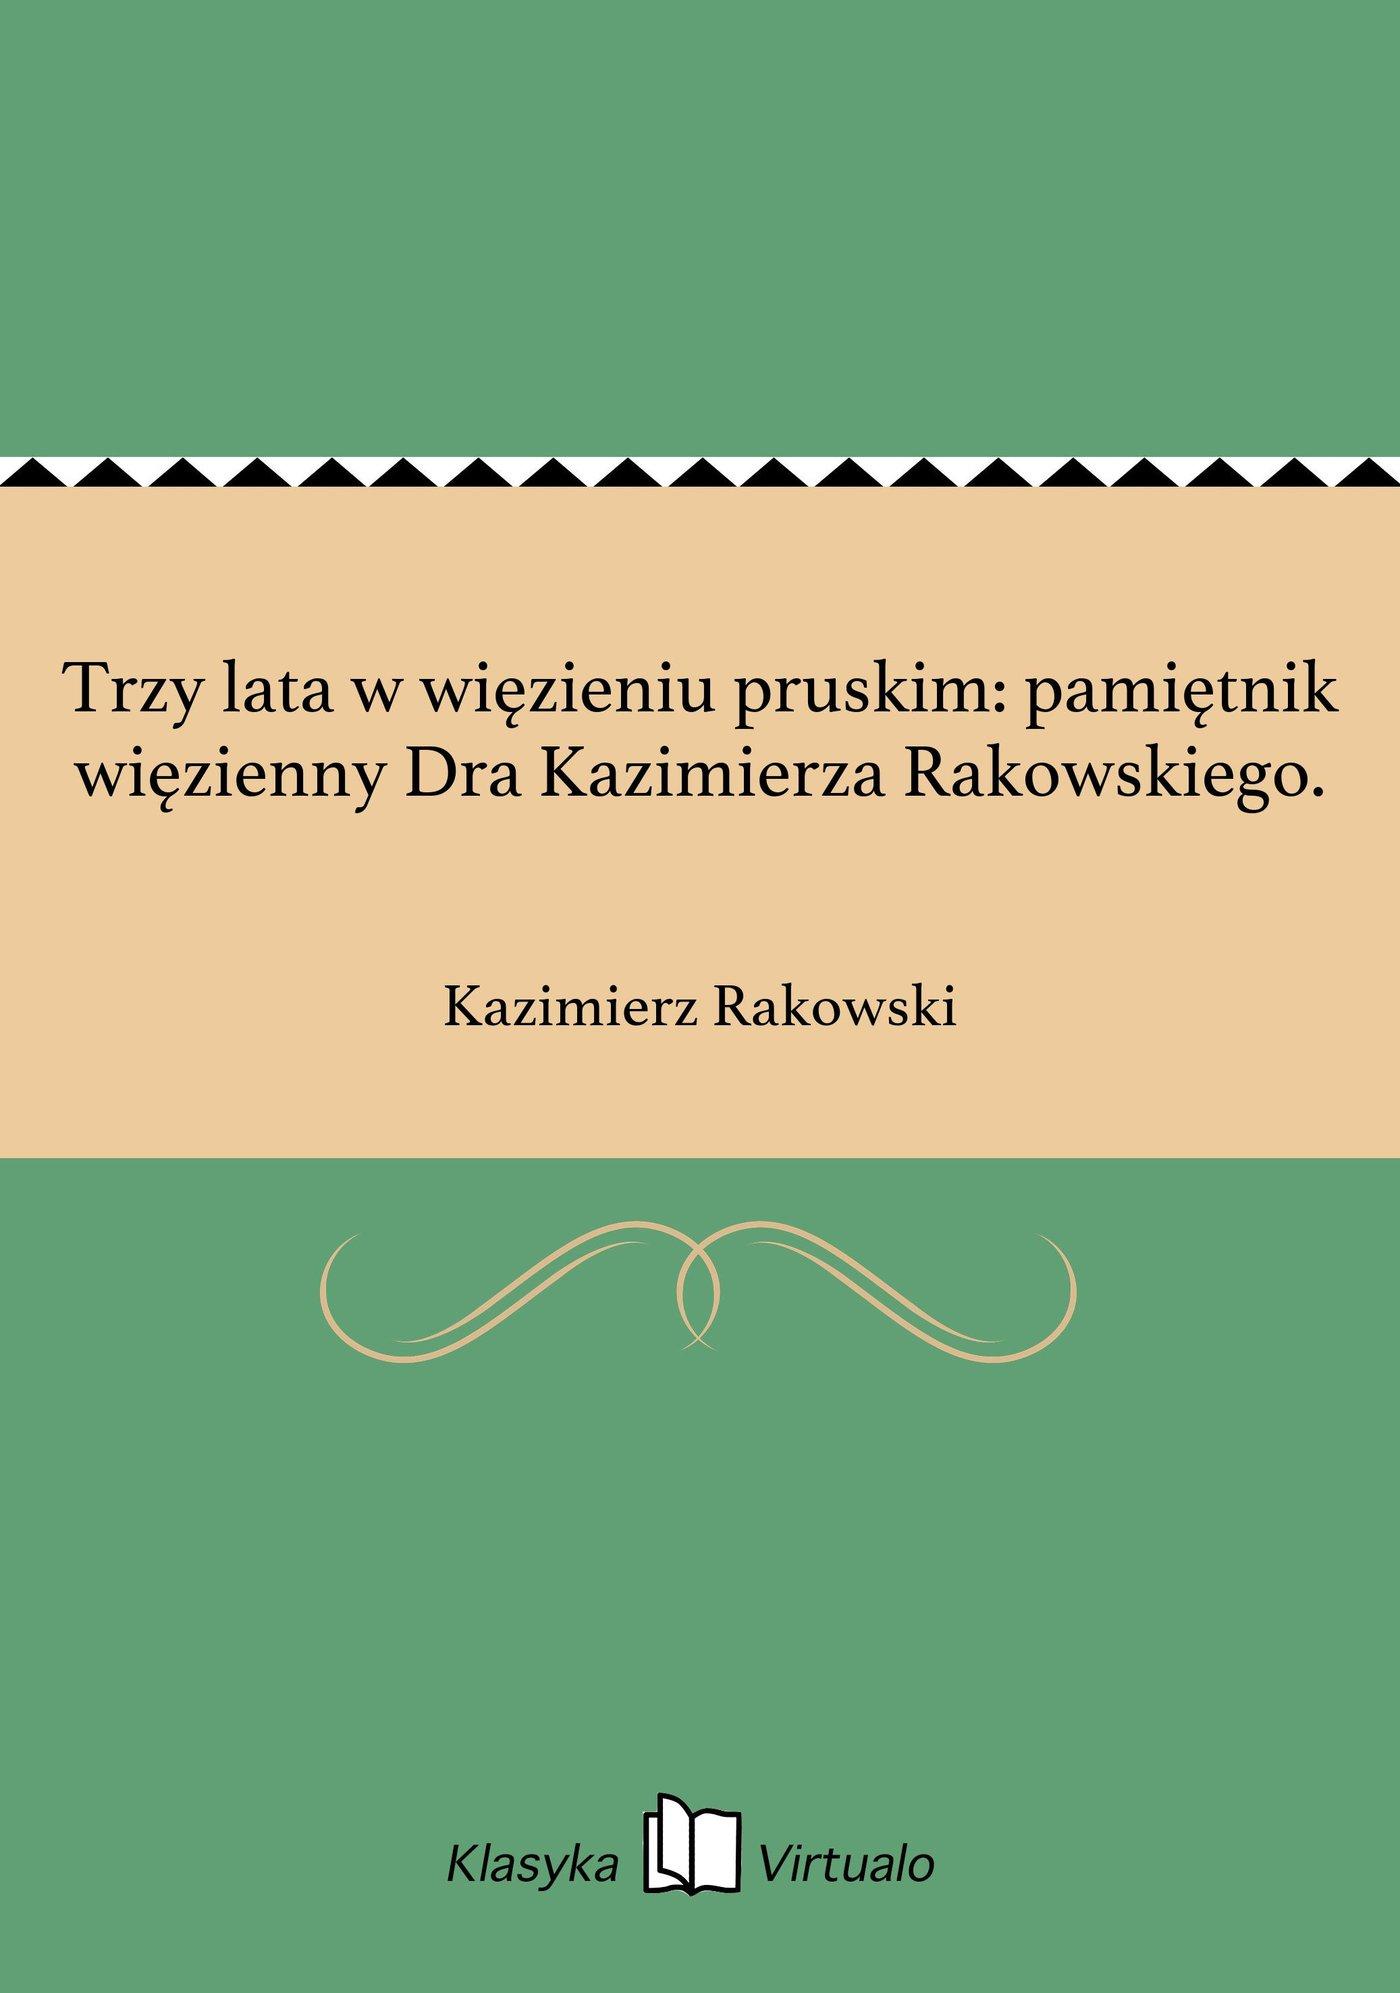 Trzy lata w więzieniu pruskim: pamiętnik więzienny Dra Kazimierza Rakowskiego. - Ebook (Książka na Kindle) do pobrania w formacie MOBI